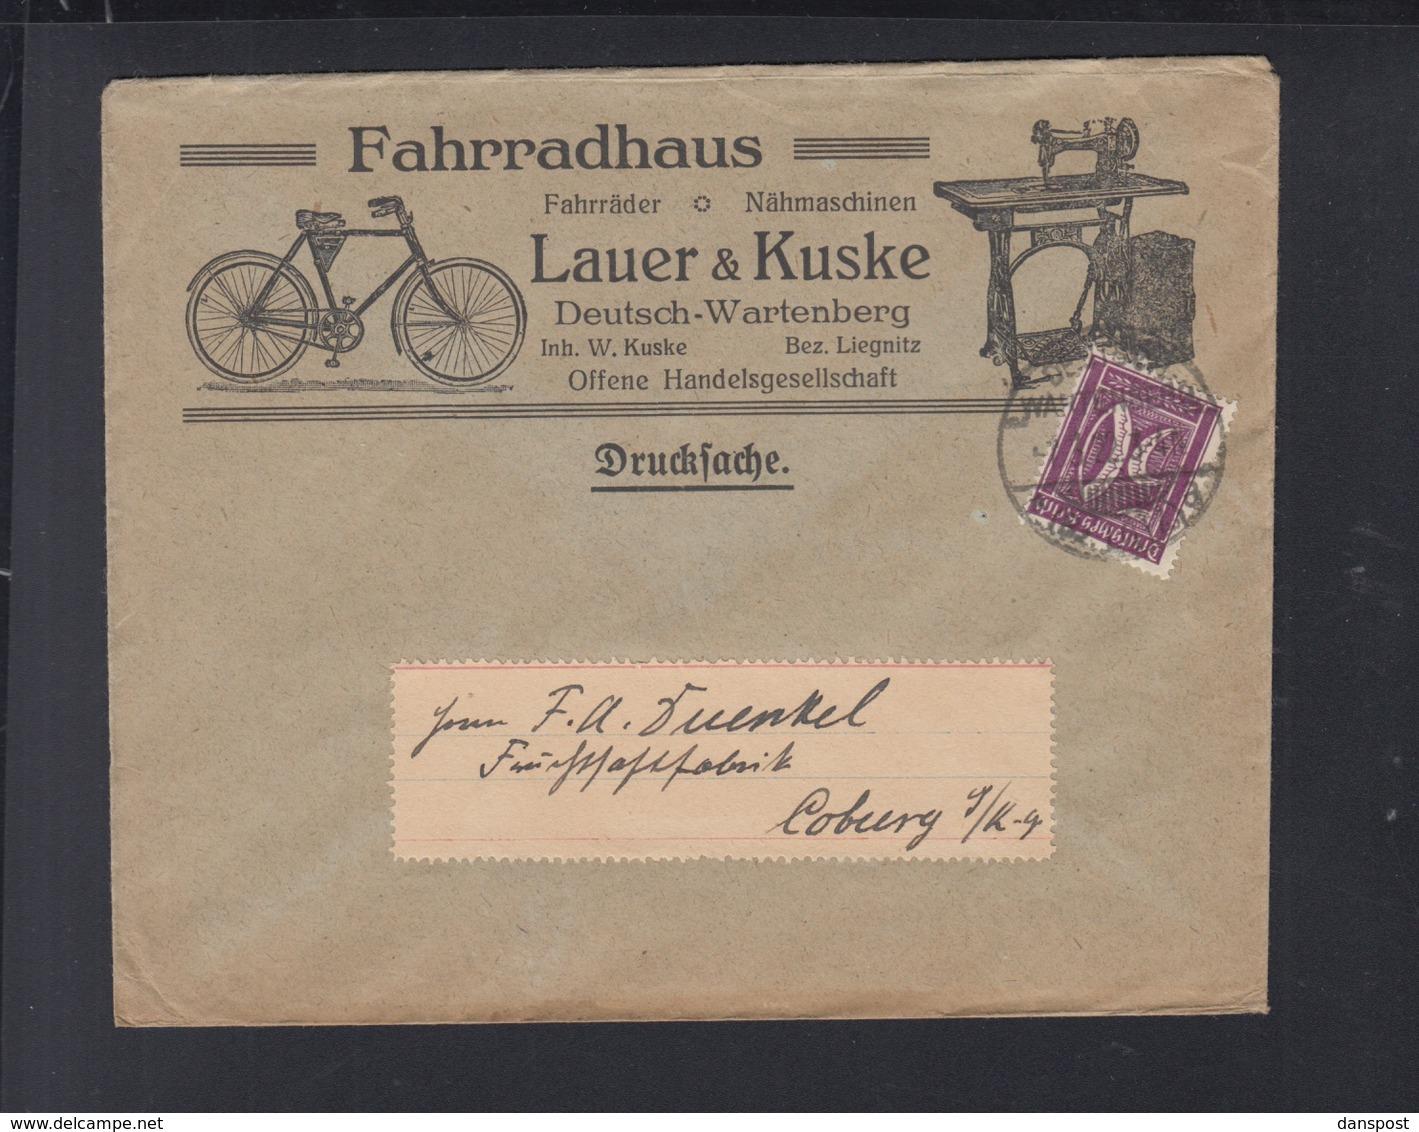 Dt. Reich Polen Poland Brief Fahrradhaus Lauer & Kuske Deutsch-Wartenberg Otyń - Briefe U. Dokumente